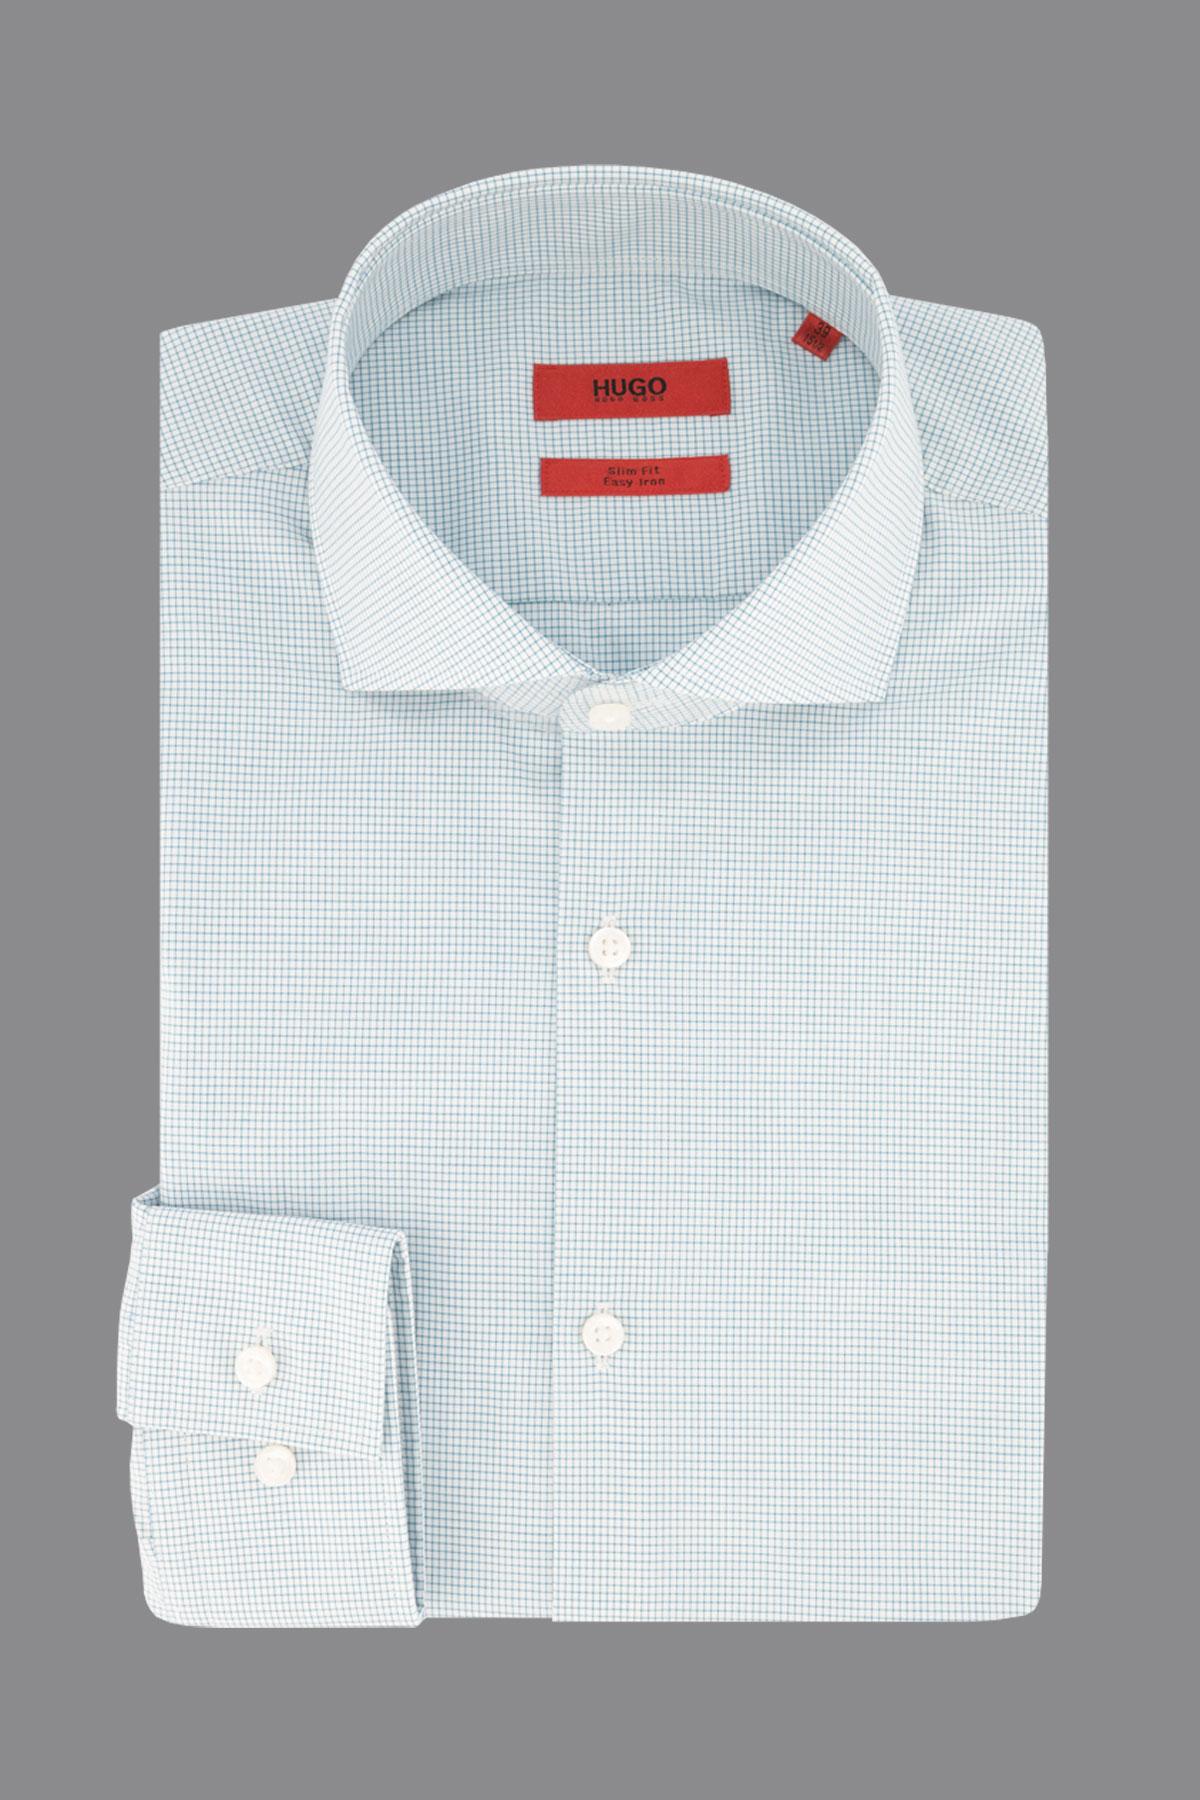 Camisa de vestir Brasov Hugo